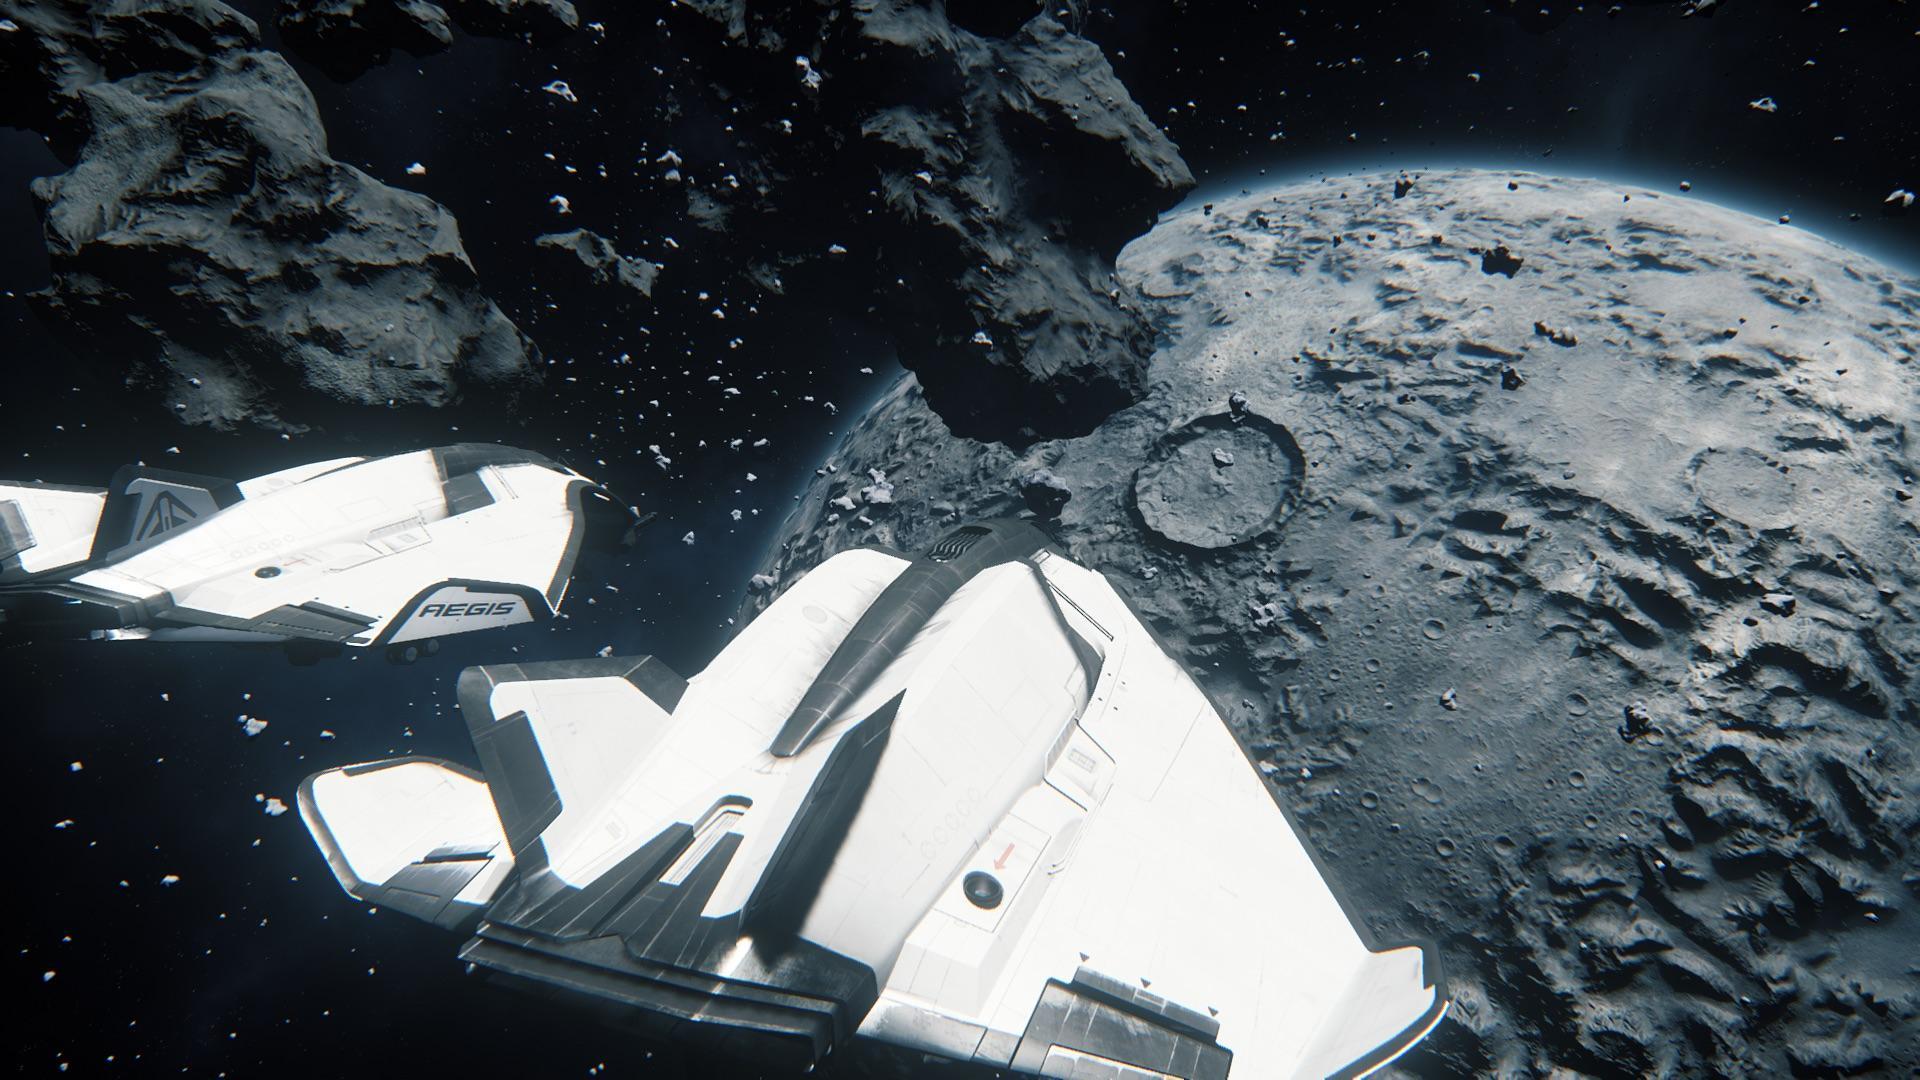 Dwa pingwiny w kosmosie